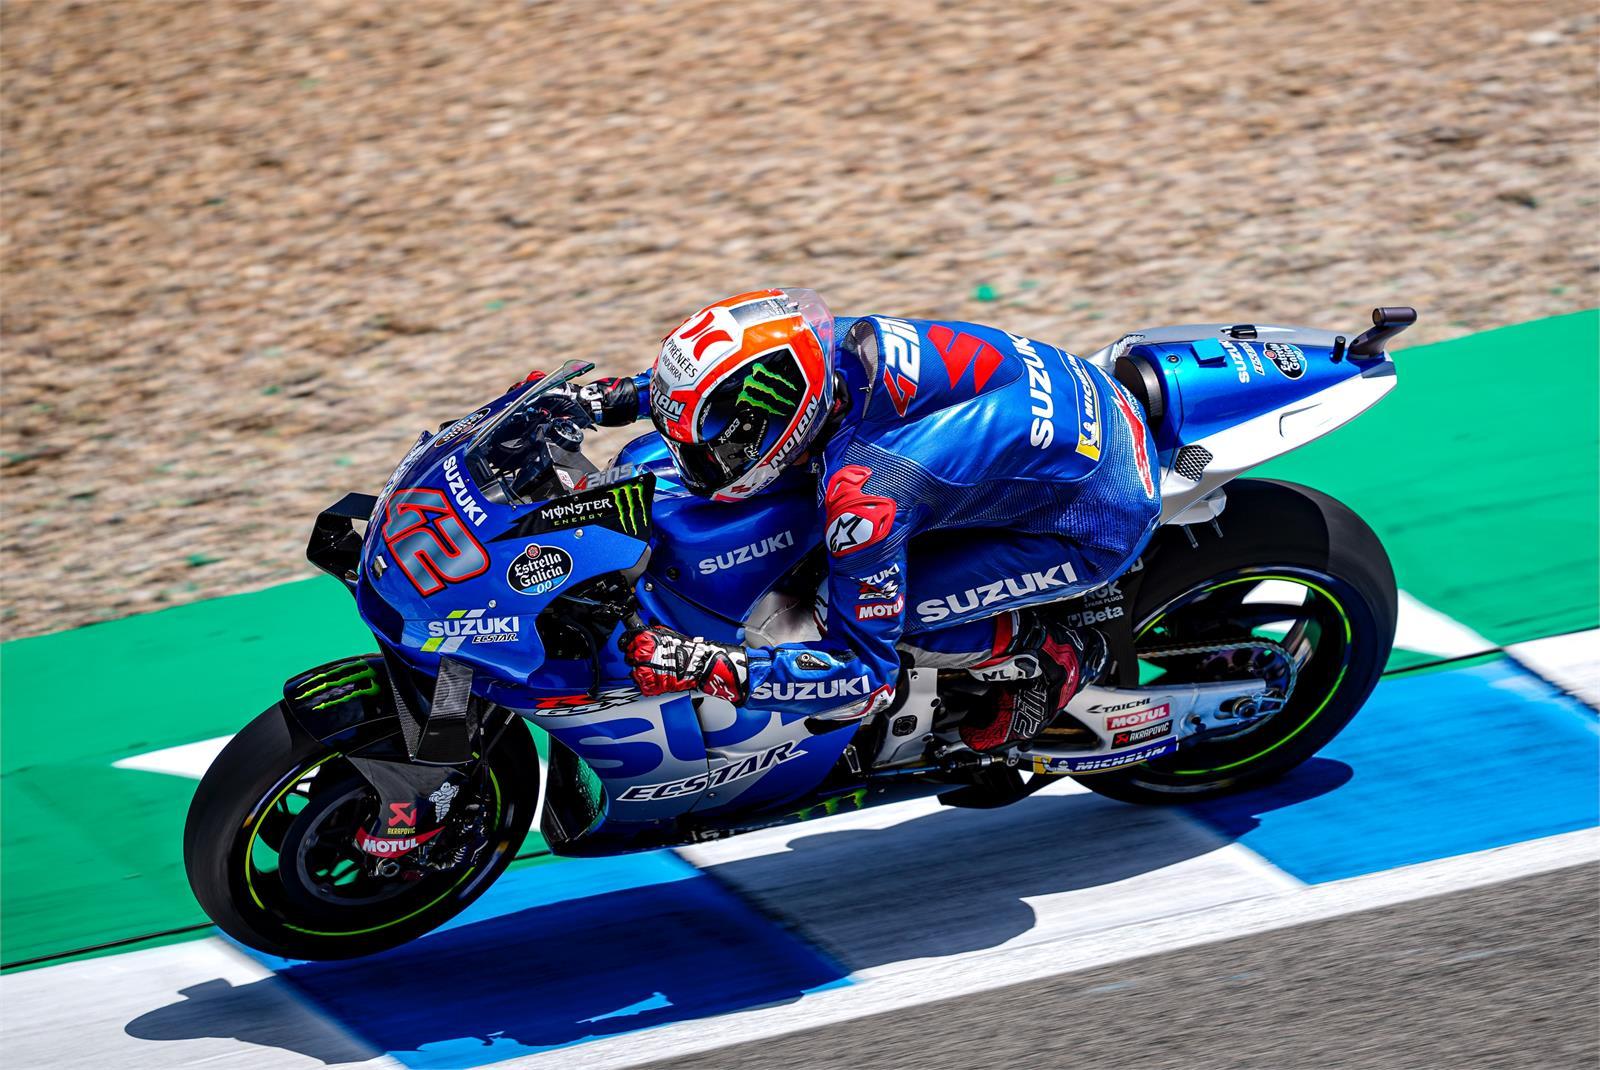 スペインGP 初日総合8位 アレックス・リンス「エンジンに問題が発生したかと思った」